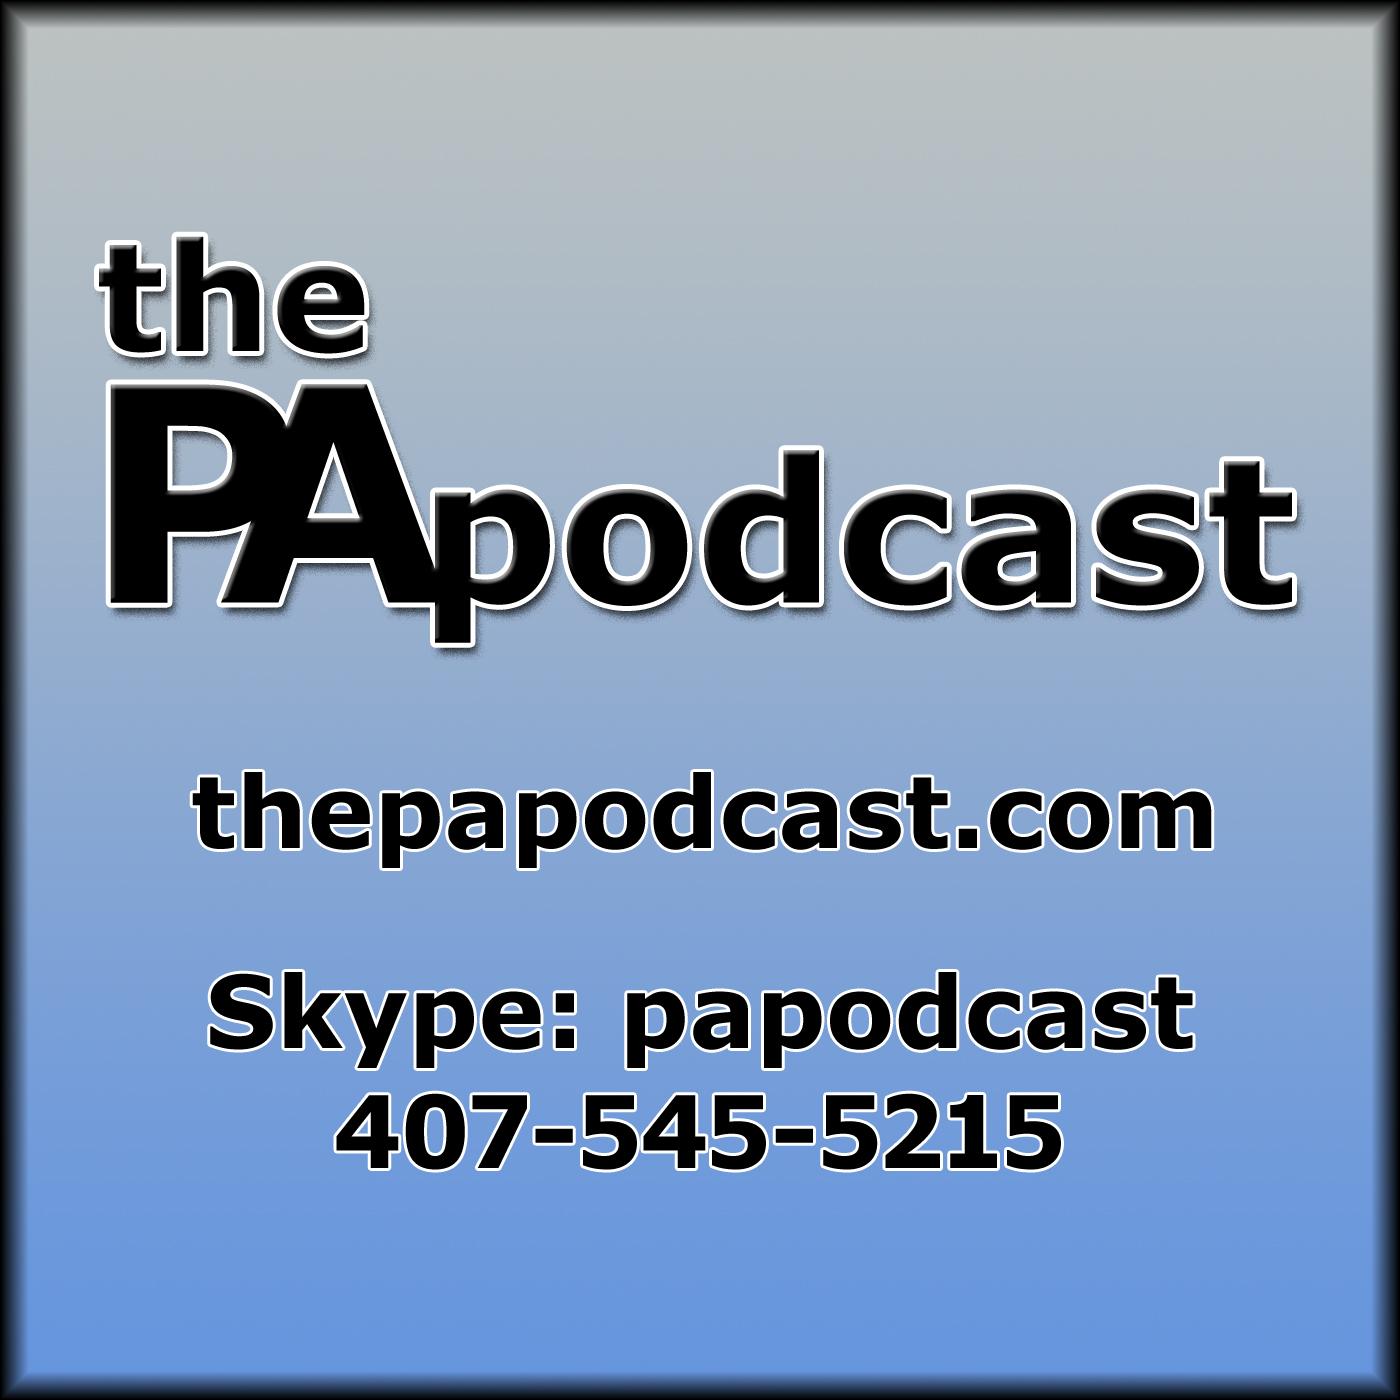 thepapodcast.com